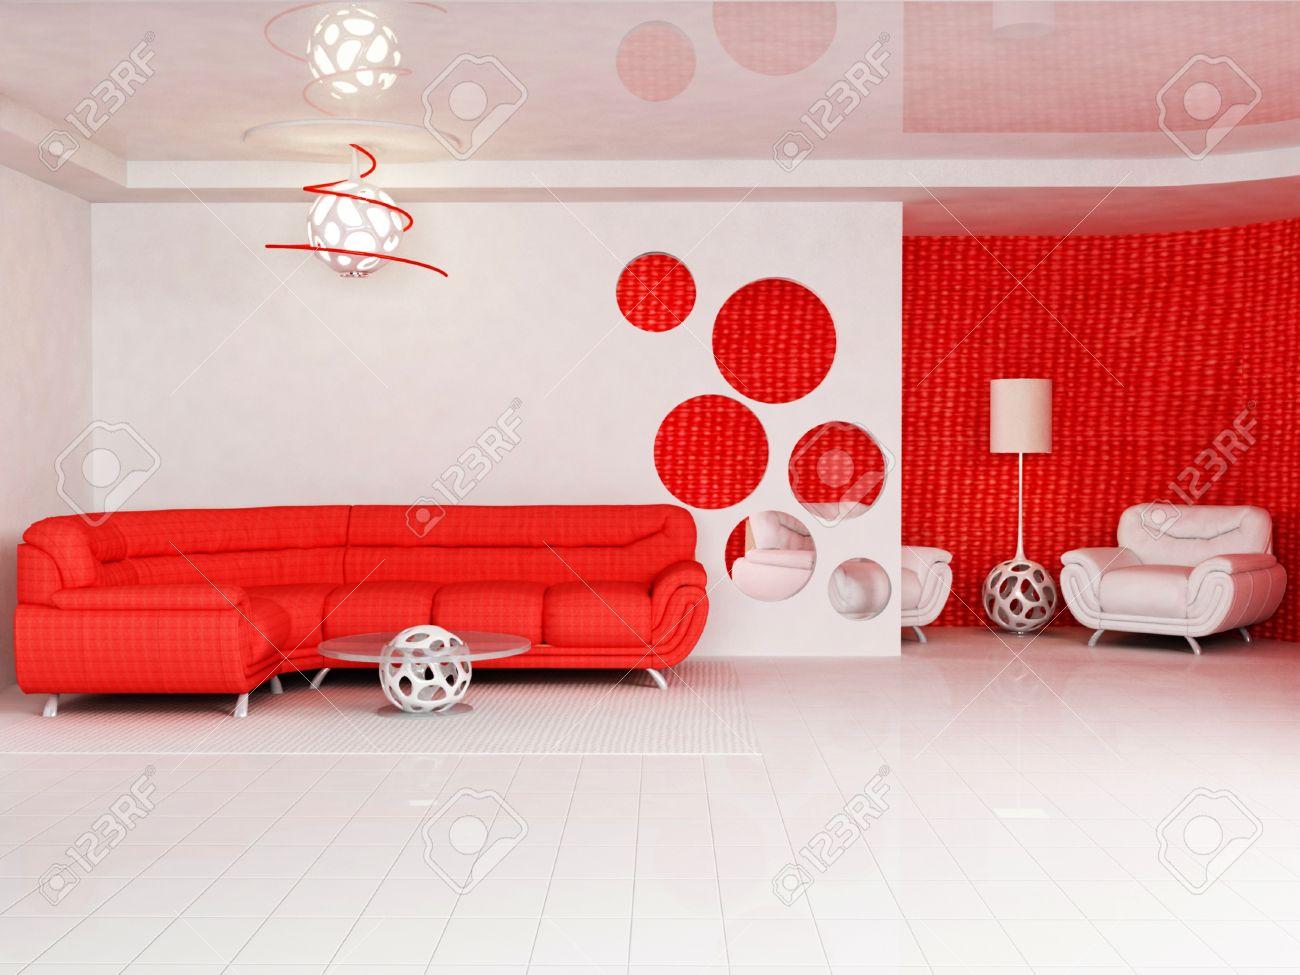 Moderne Innenarchitektur Wohnzimmer Mit Einem Leuchtend Roten Sofa, Einen  Tisch, Eine Stehlampe Und Einem